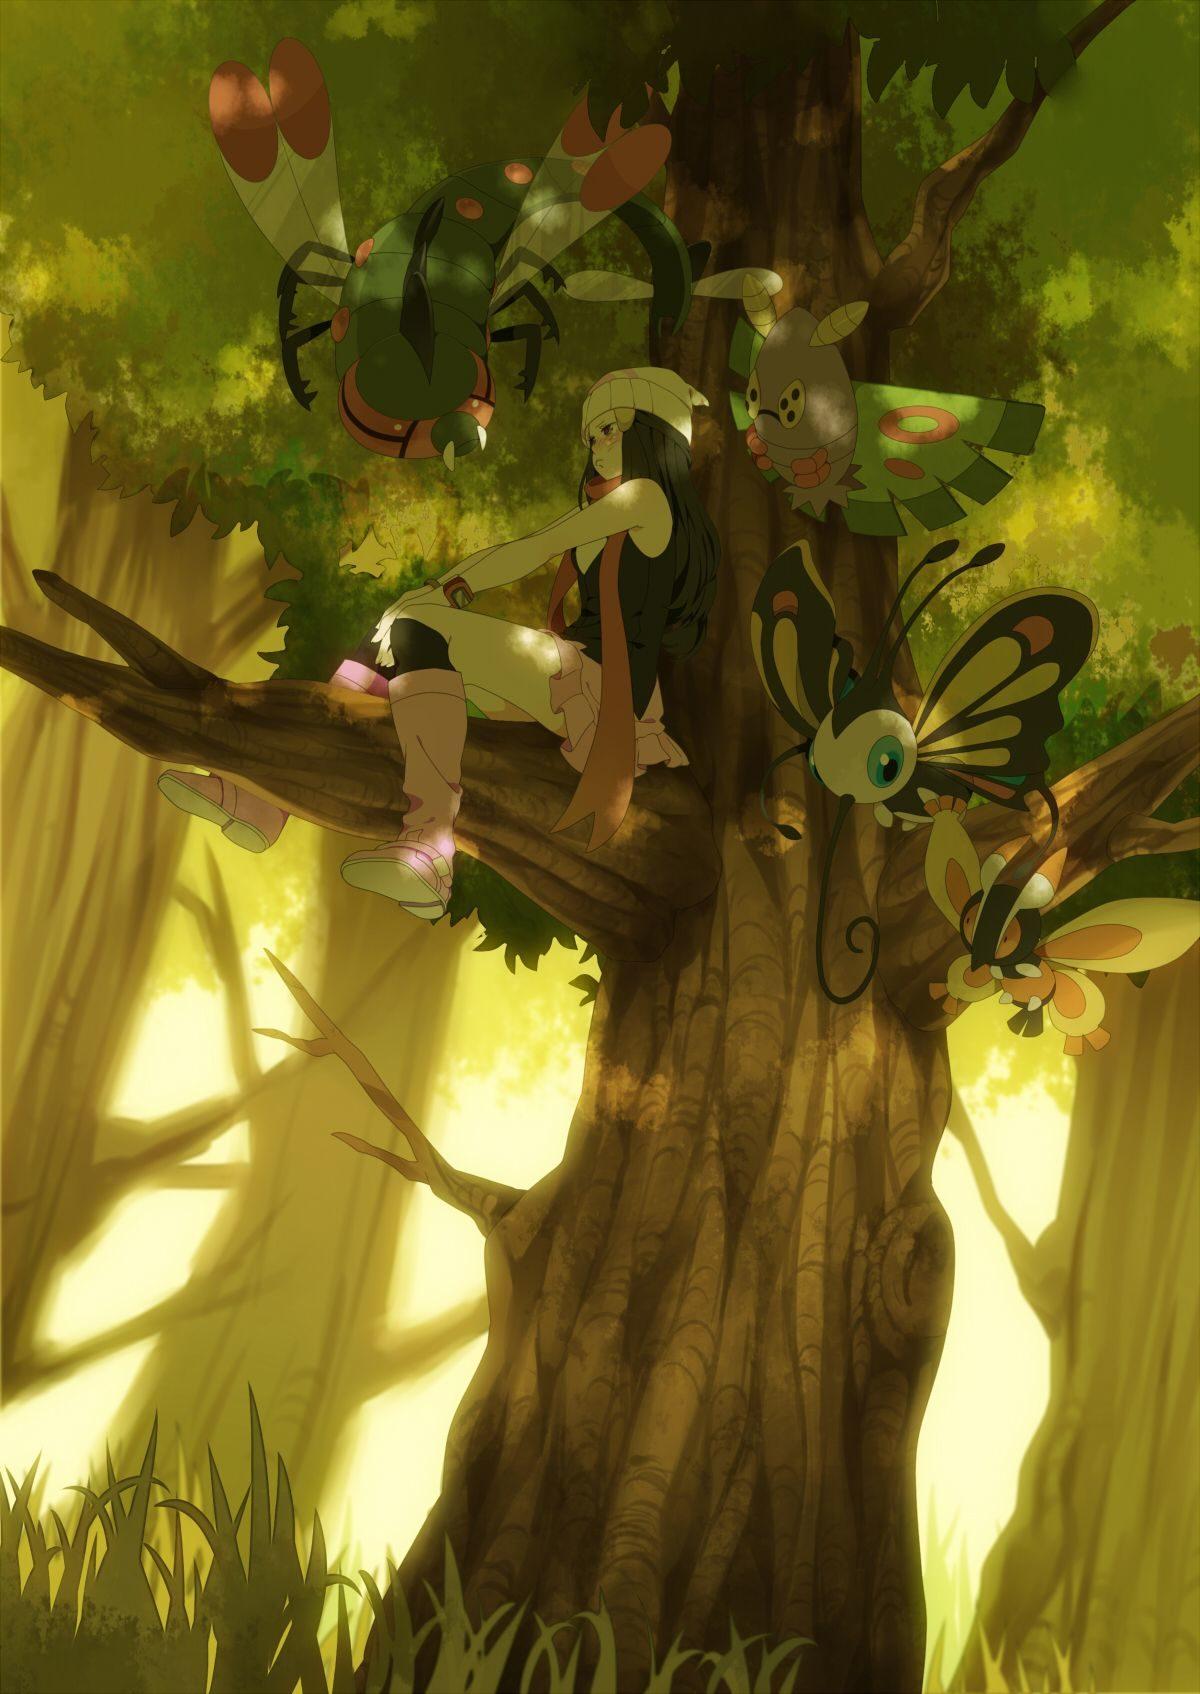 Pokémon Mobile Wallpaper #918131 – Zerochan Anime Image Board